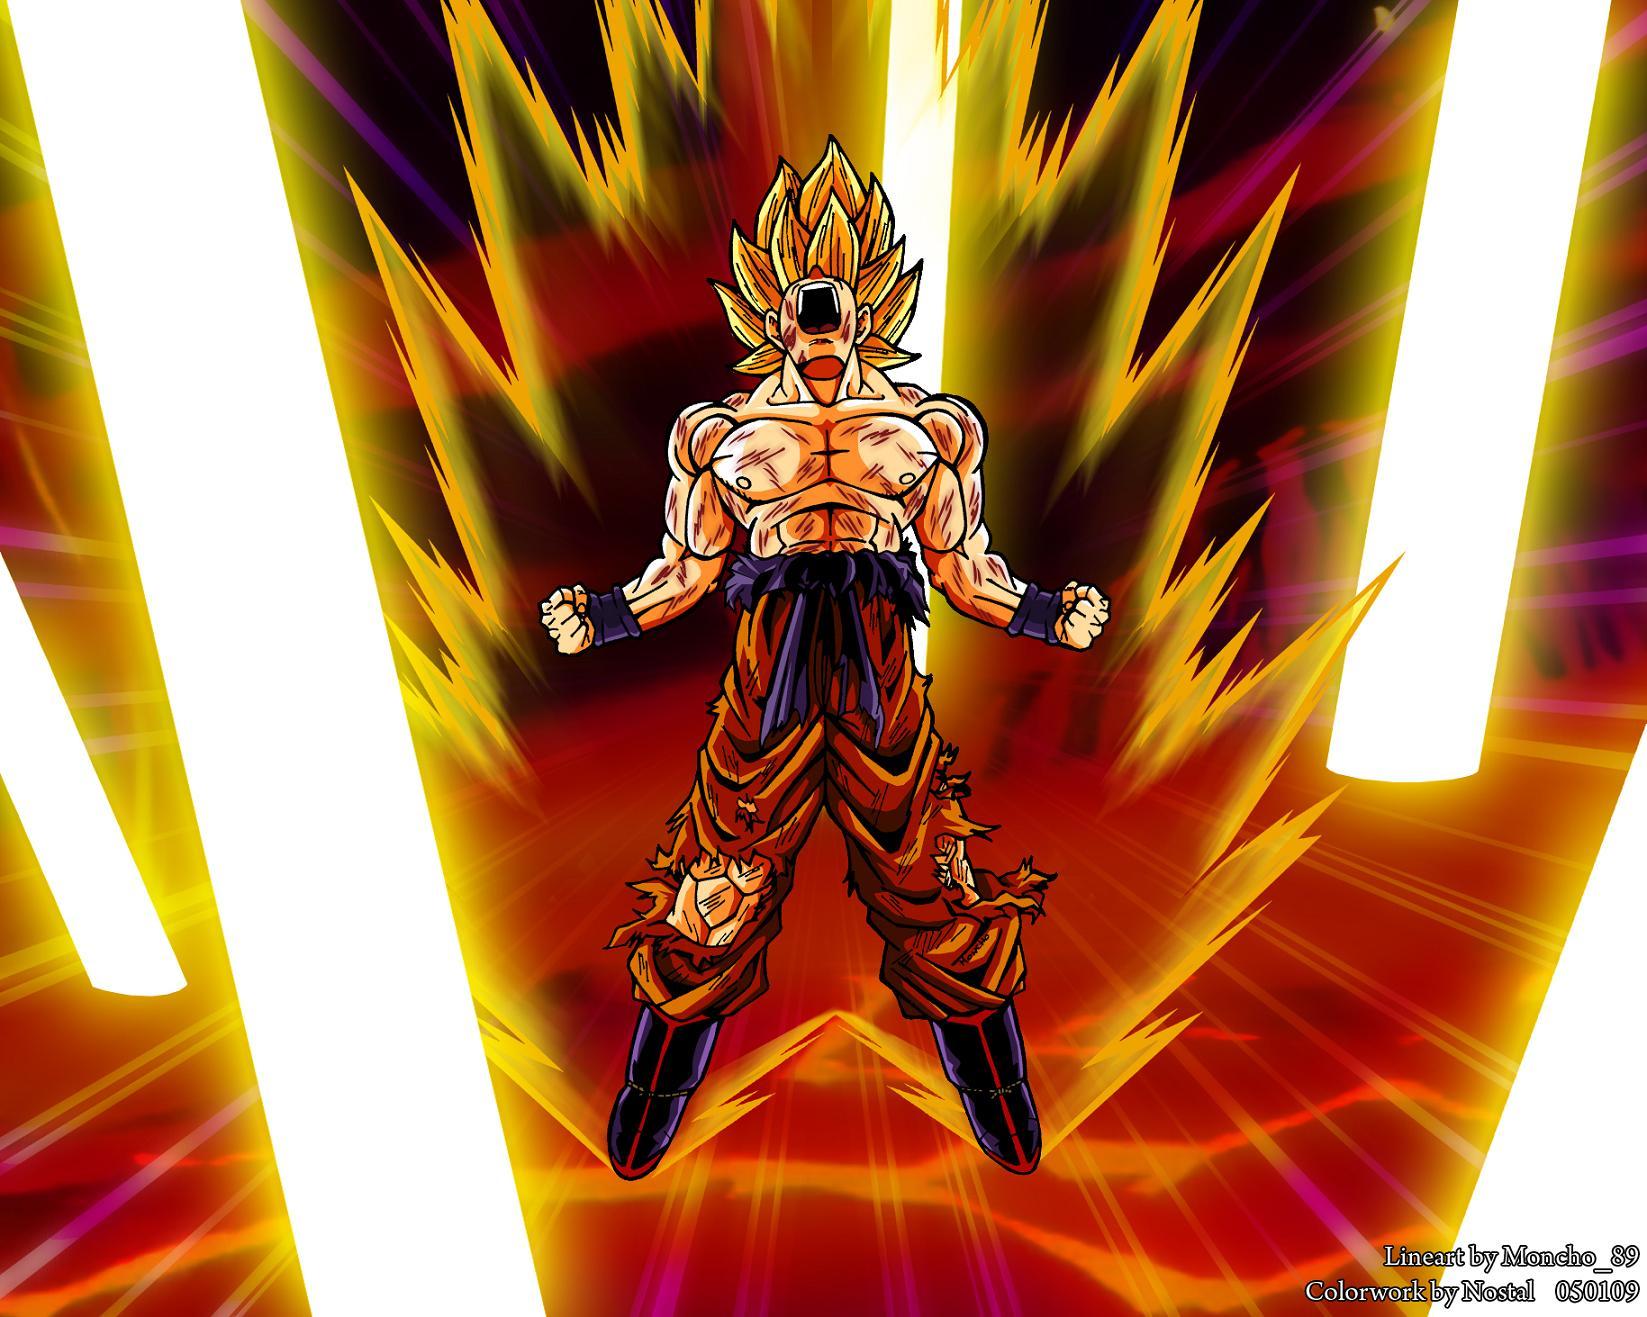 Goku Y Todas Sus Fases: Todas Las Fases De Goku Y Vegeta (Fusiones)